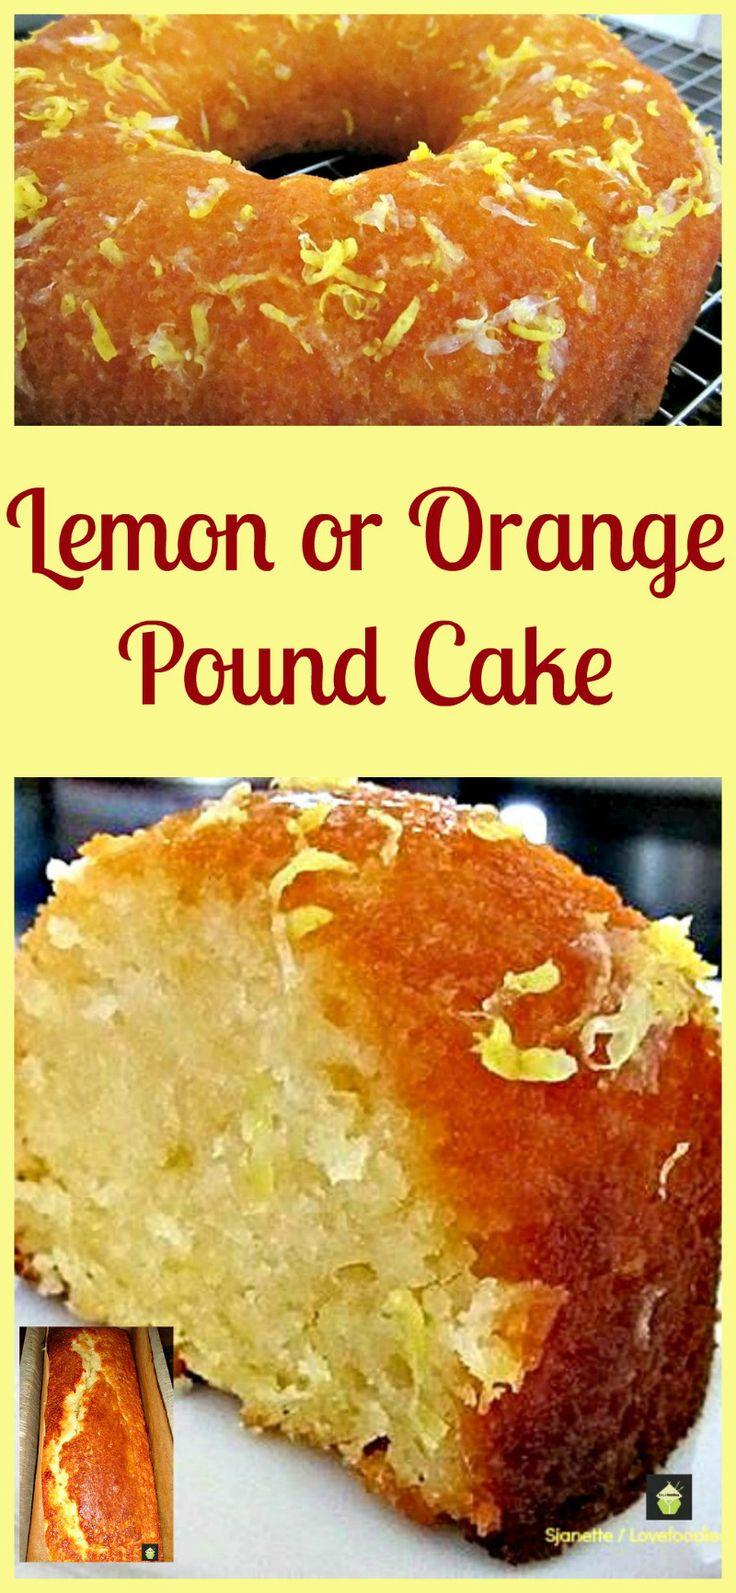 Húmedo de limón o naranja Pound, Pan Cake.  Pan o sartén bundt, usted elige!